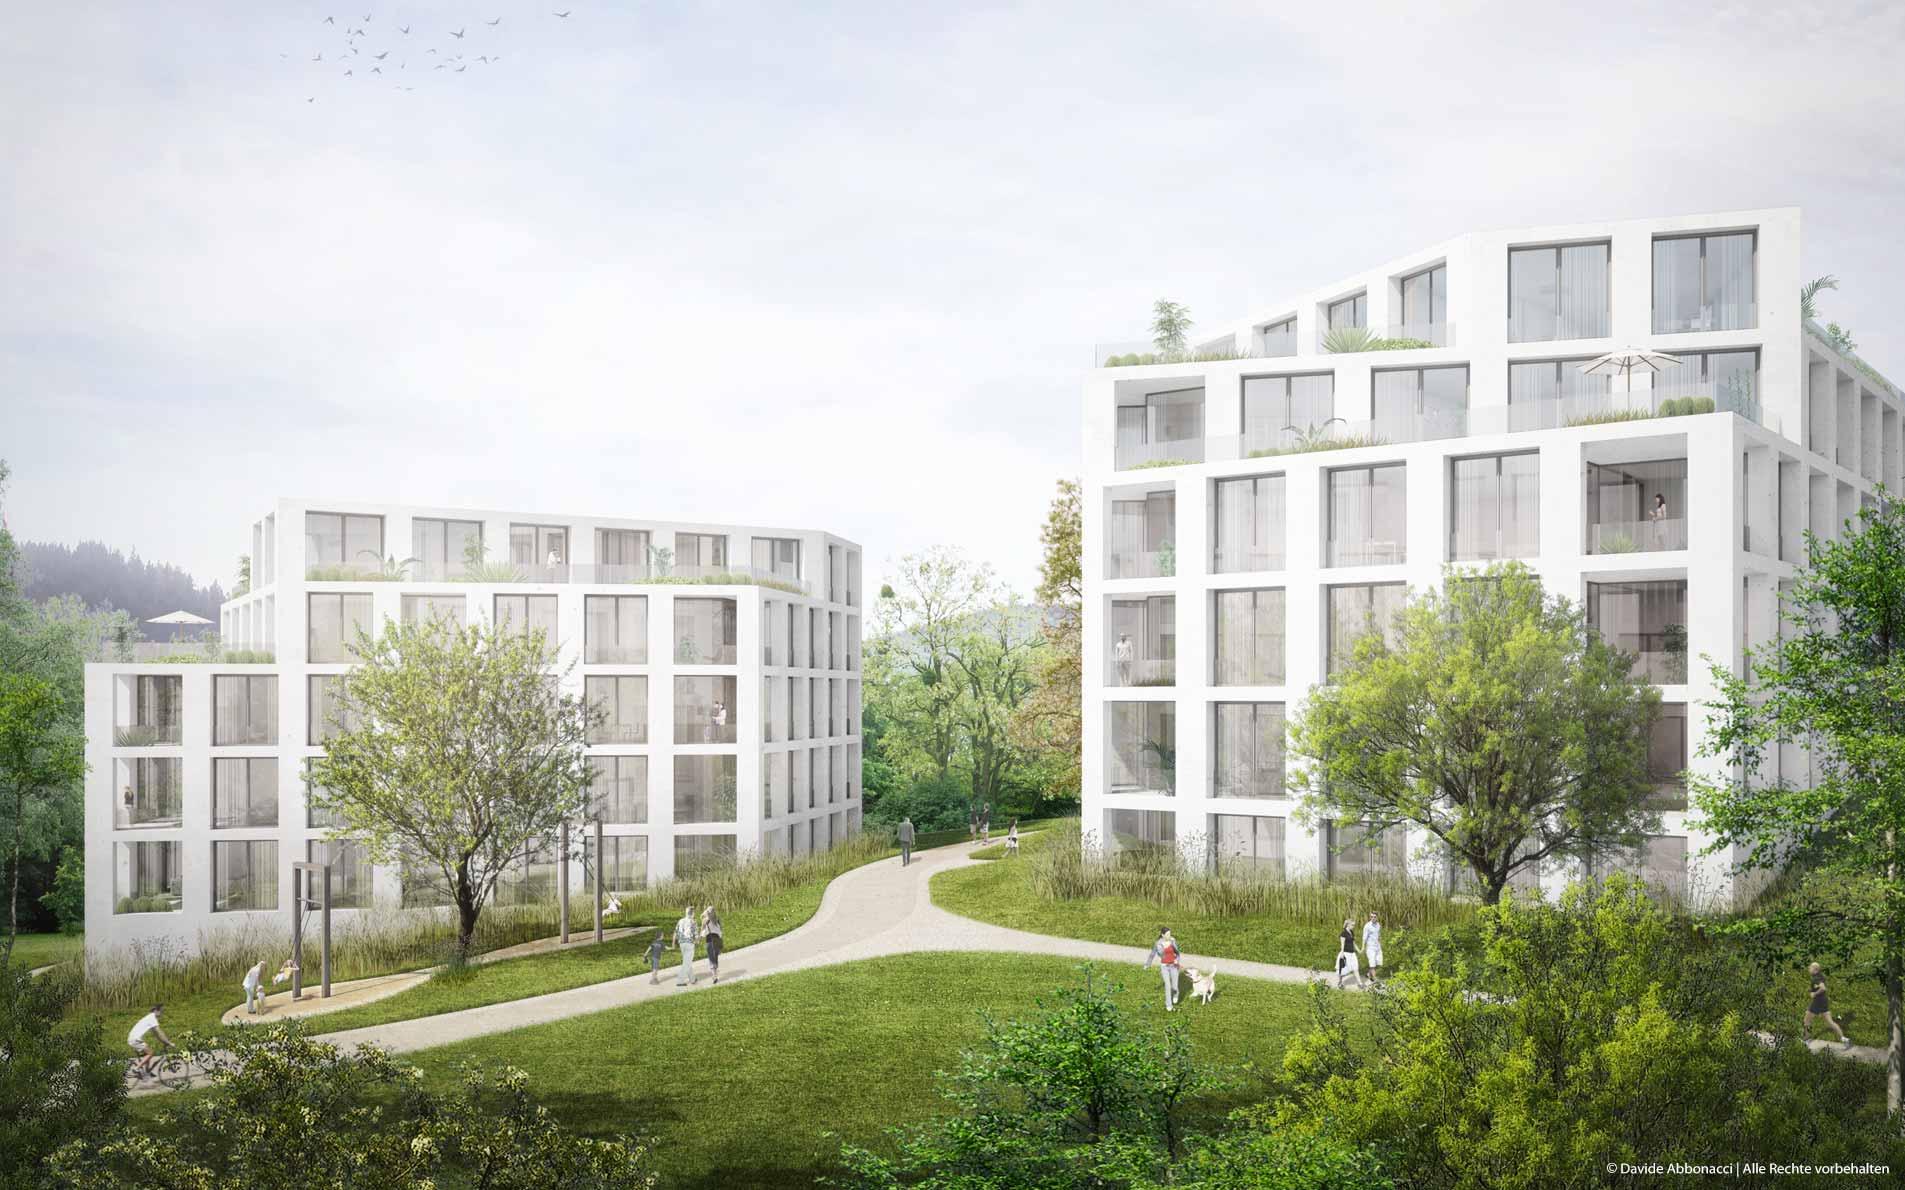 Am Tannenhof, Baden-Baden | Kuehn Malvezzi Architekten | 2015 Wohnungsbauprojekt Visualisierung